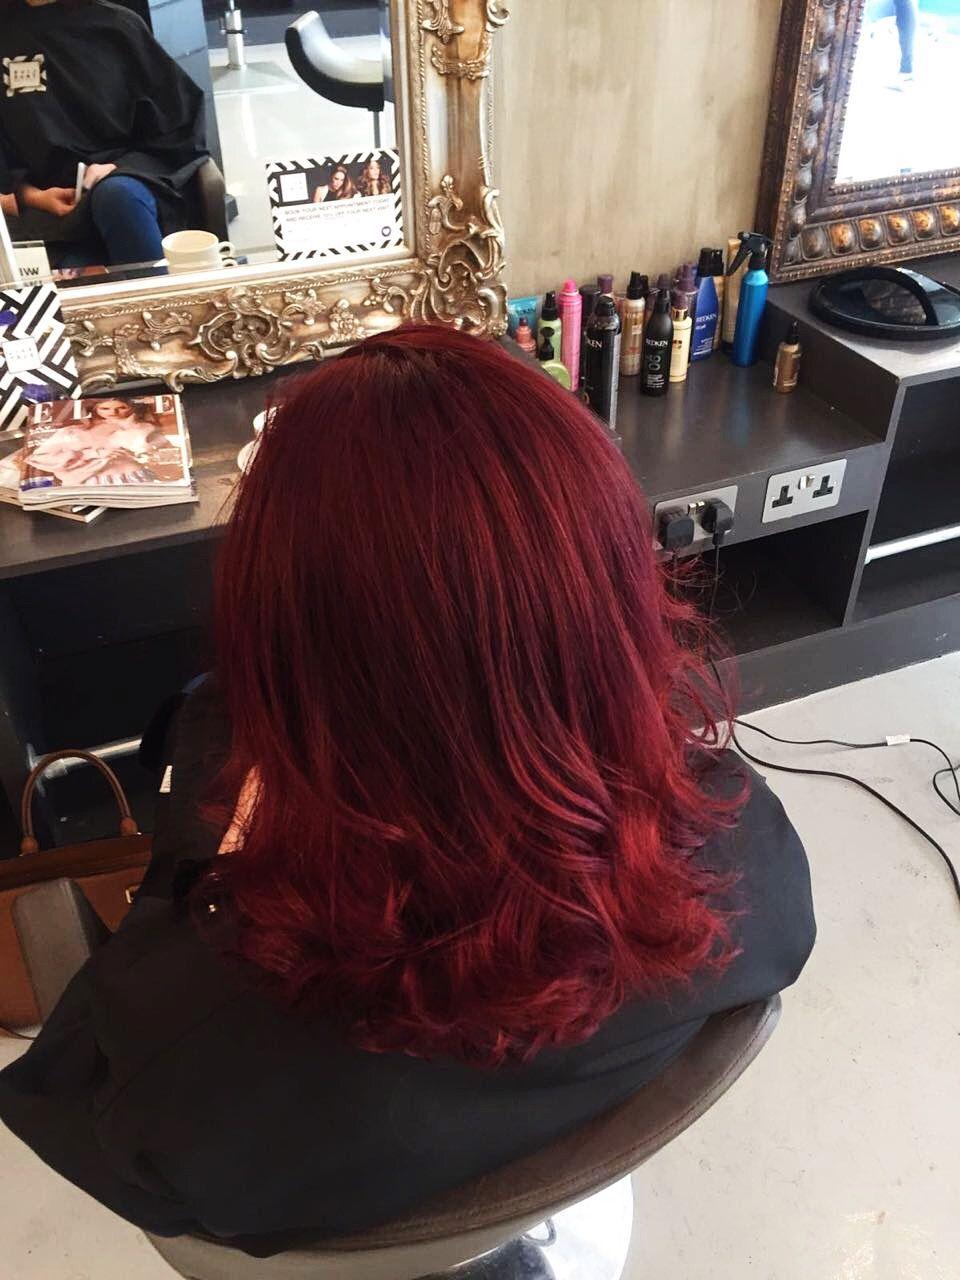 Red hair color hair red redhair curls curlyhair shorthair